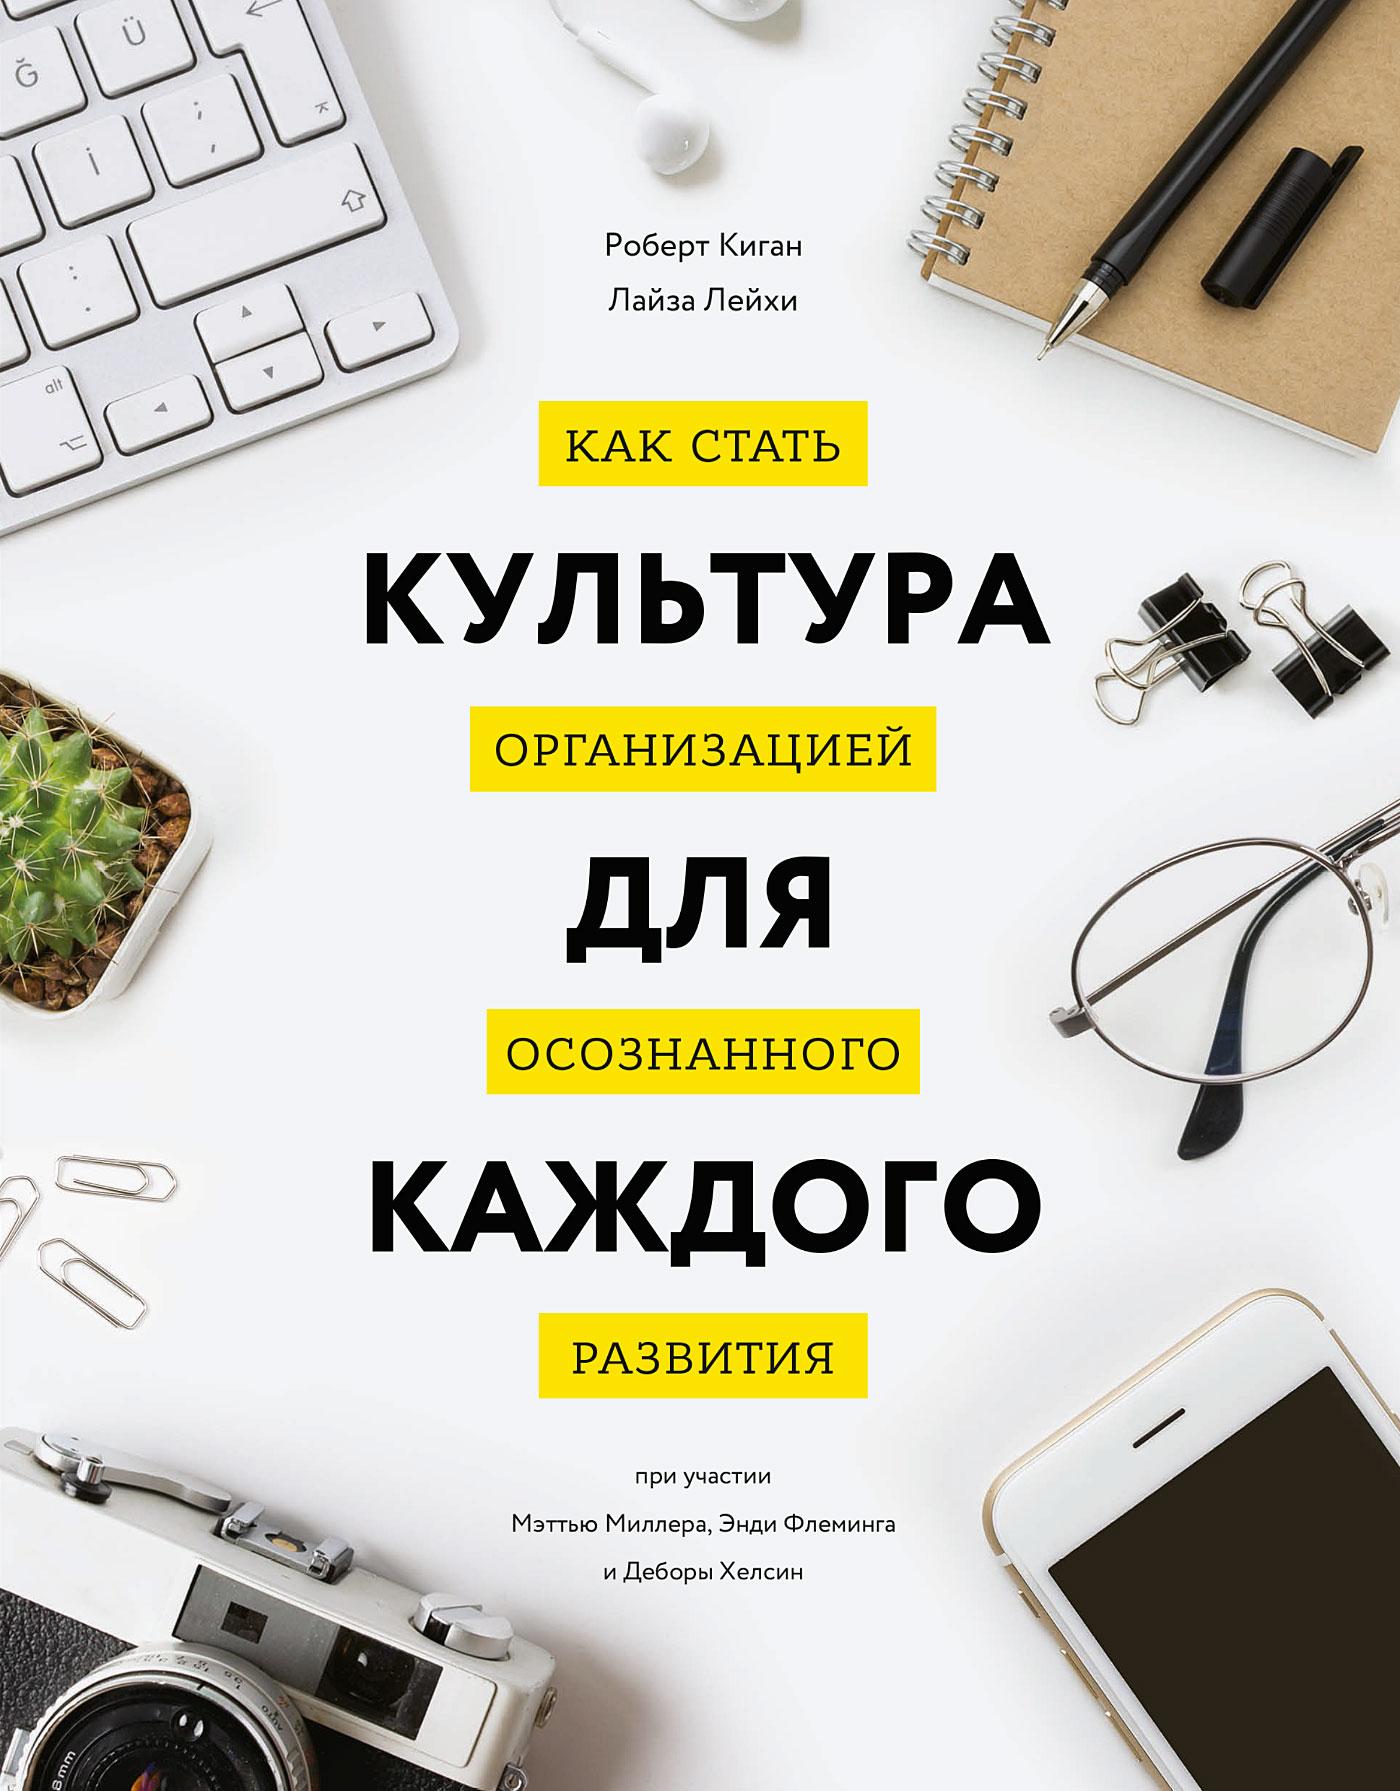 Купить книгу Культура для каждого. Как стать организацией осознанного развития, автора Роберта Кигана